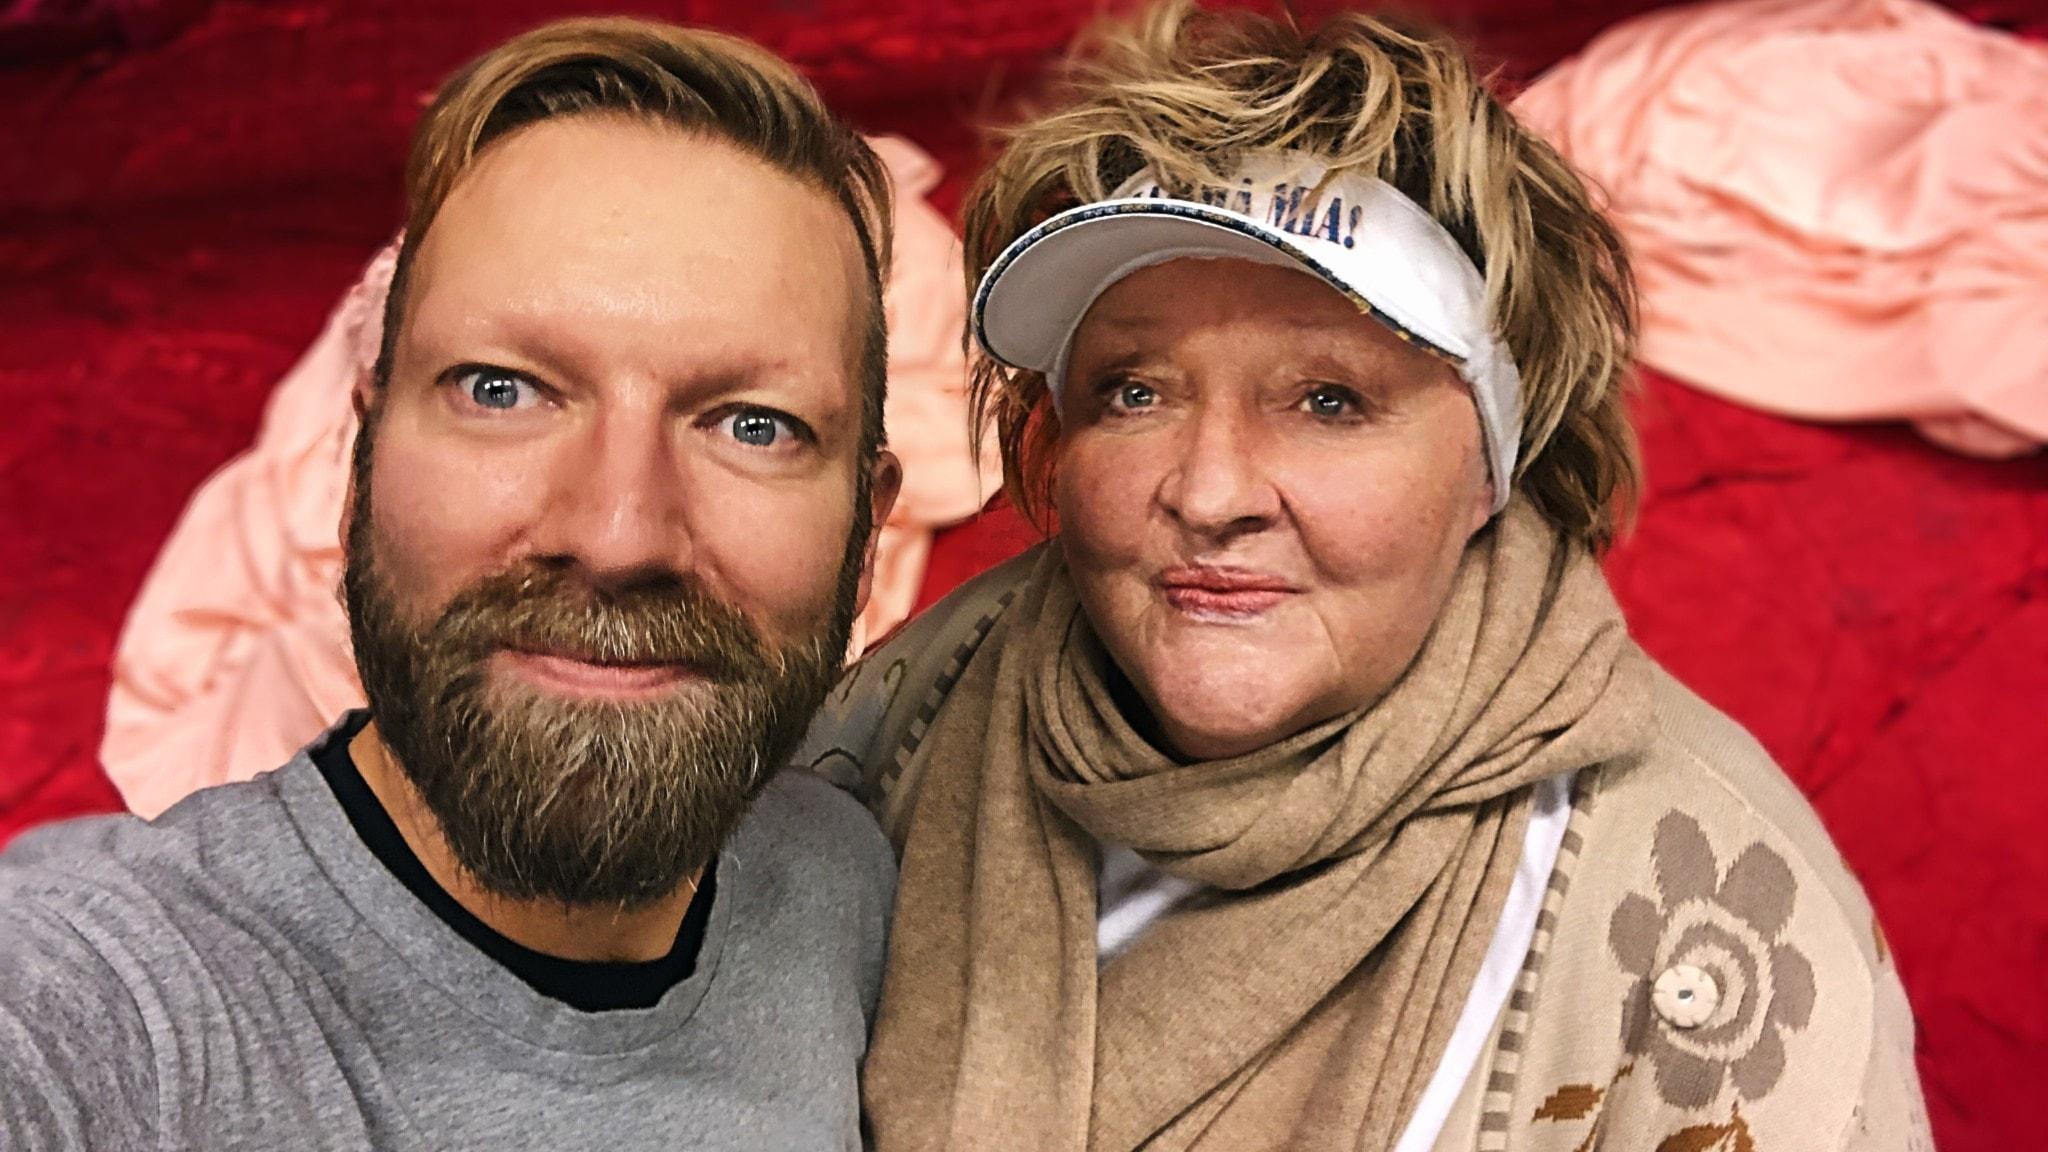 Med sanningen som ledstjärna med gäst Marianne Mörck